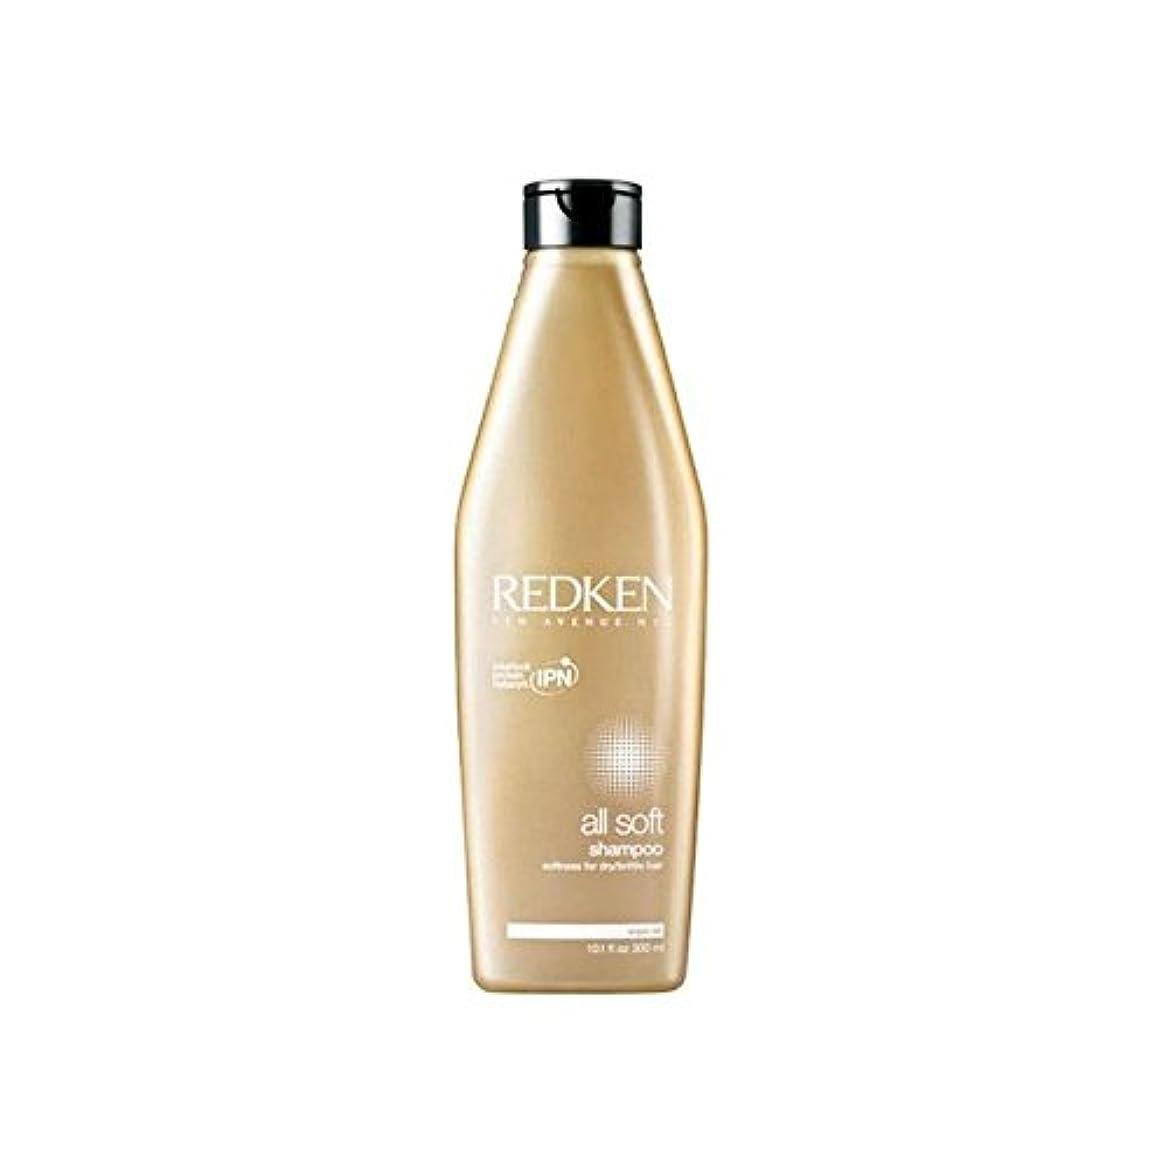 理想的には倫理こどもの宮殿Redken All Soft Shampoo (300ml) (Pack of 6) - レッドケンすべてのソフトシャンプー(300ミリリットル) x6 [並行輸入品]